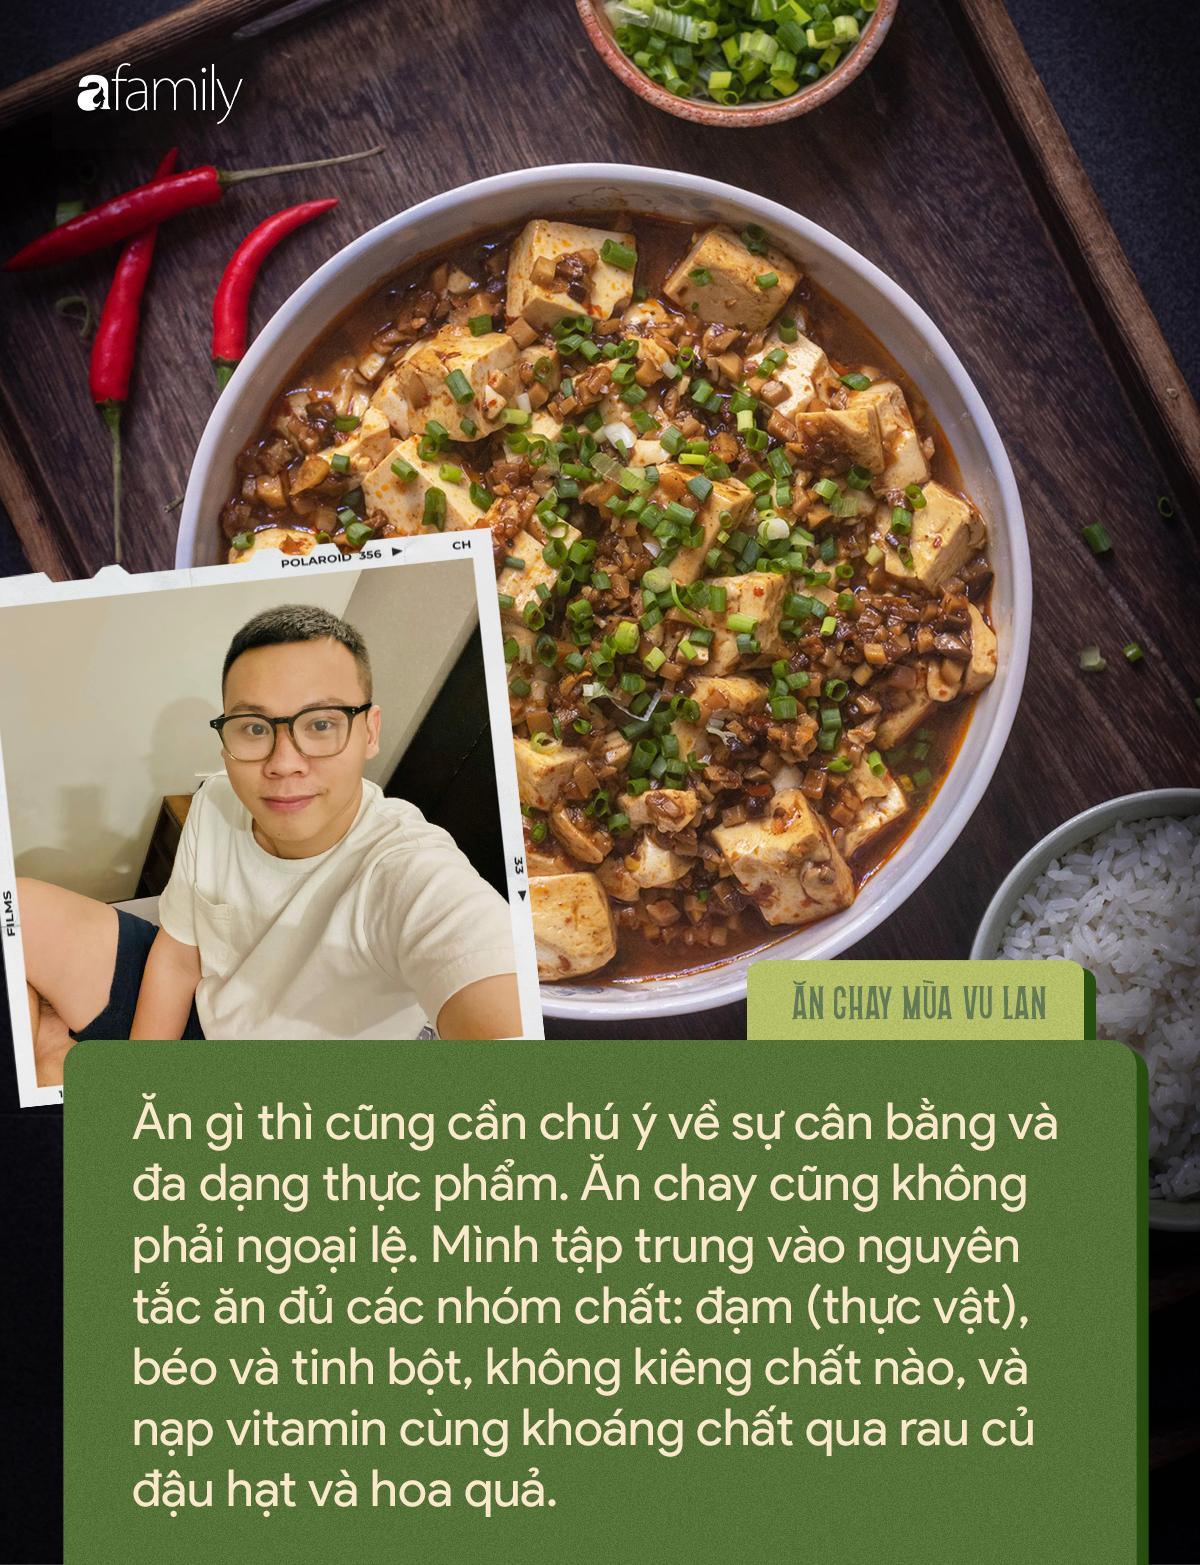 Chàng trai 9X tác giả của loạt món chay đẹp lung linh kể chuyện ăn chay vì môi trường và những quan điểm khiến ai cũng gật gù - Ảnh 4.